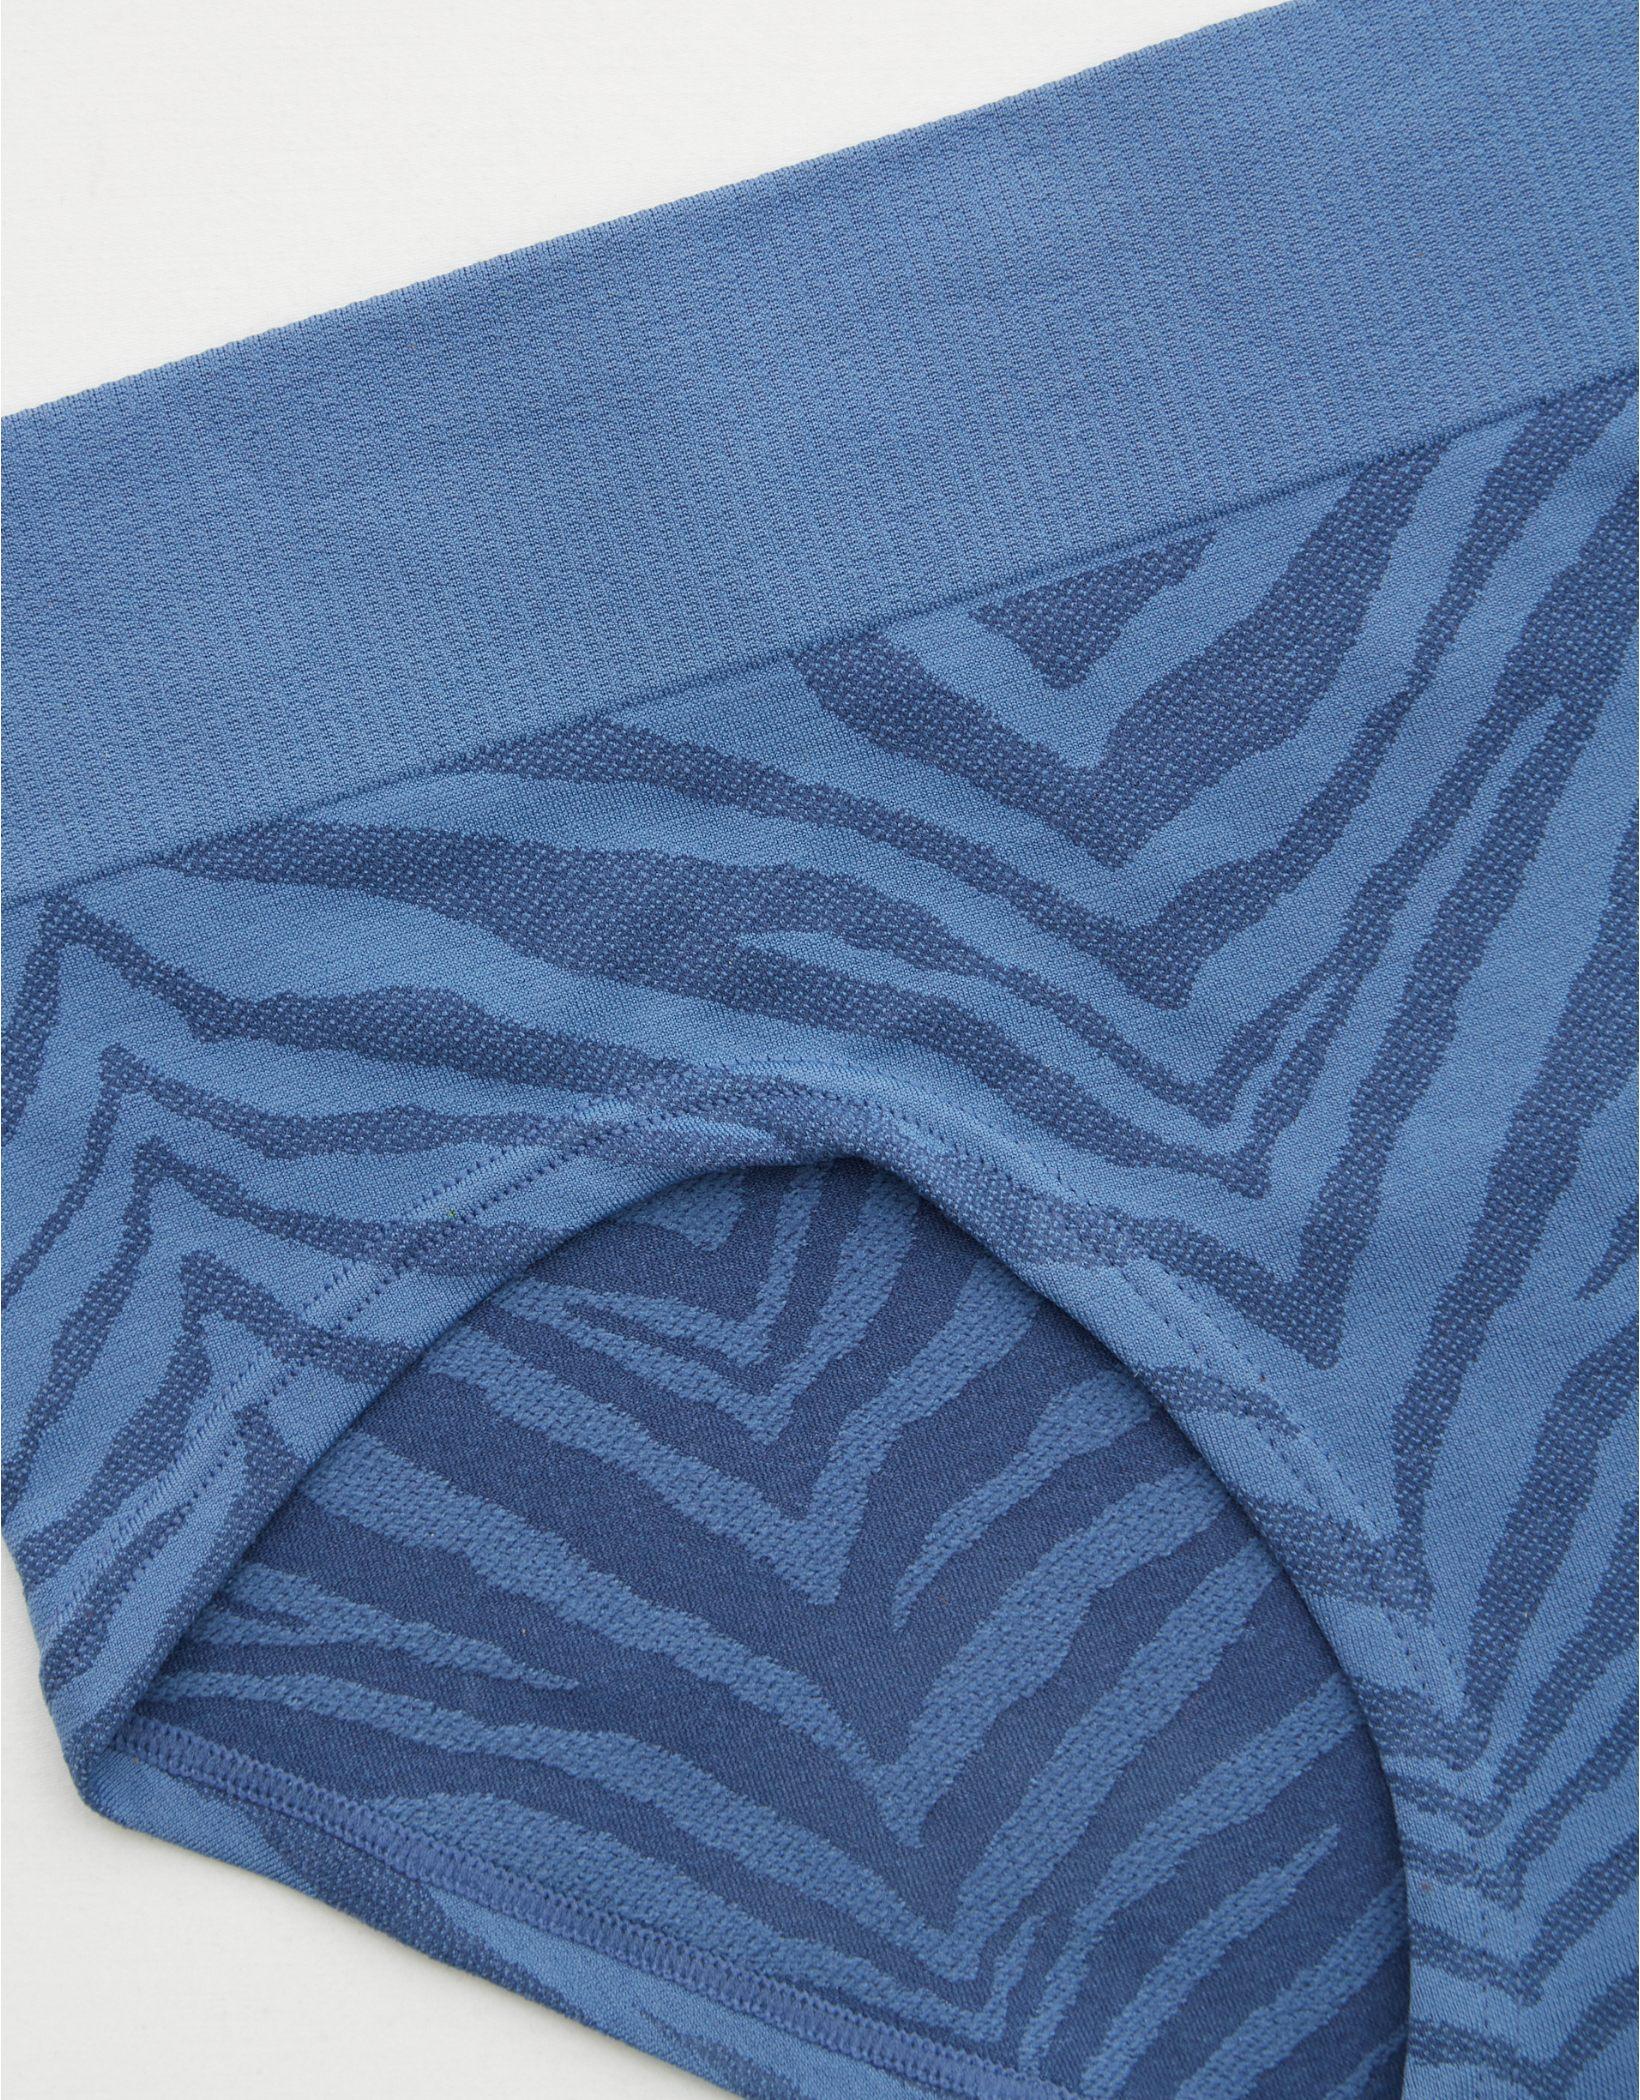 Aerie Seamless Zebra Print Boybrief Underwear